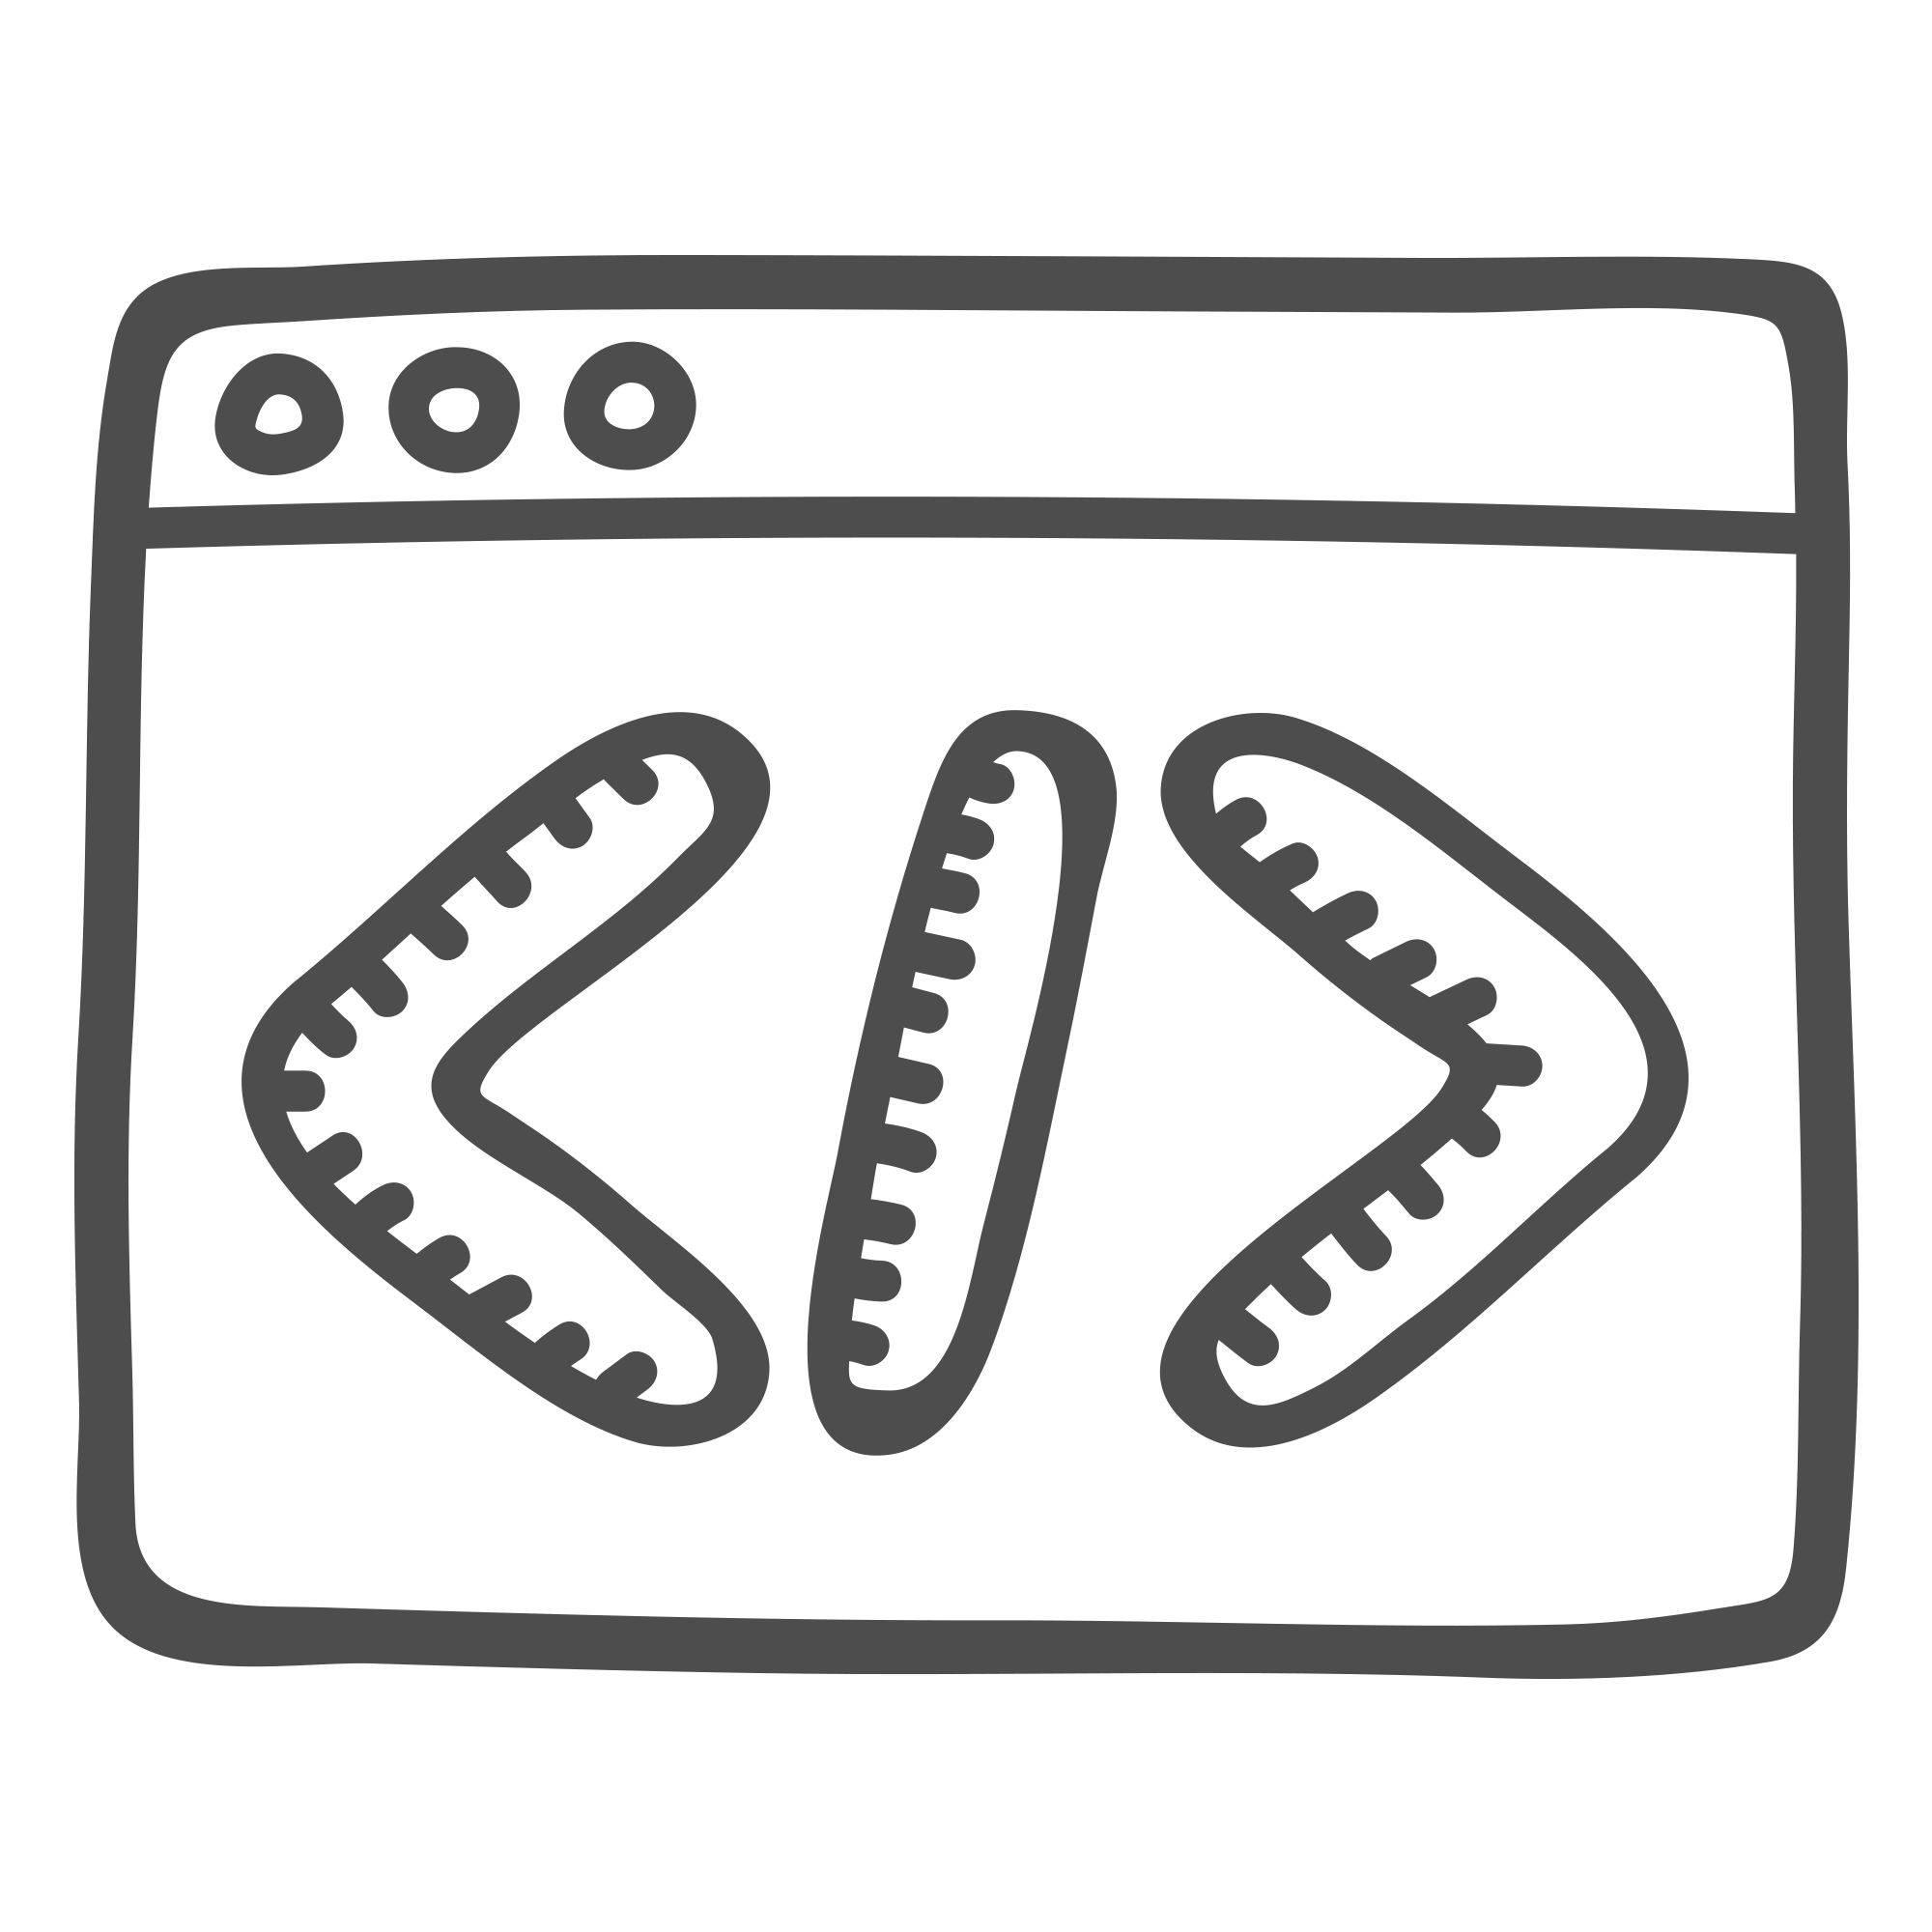 js的后退、前进、刷新操作具体实现代码